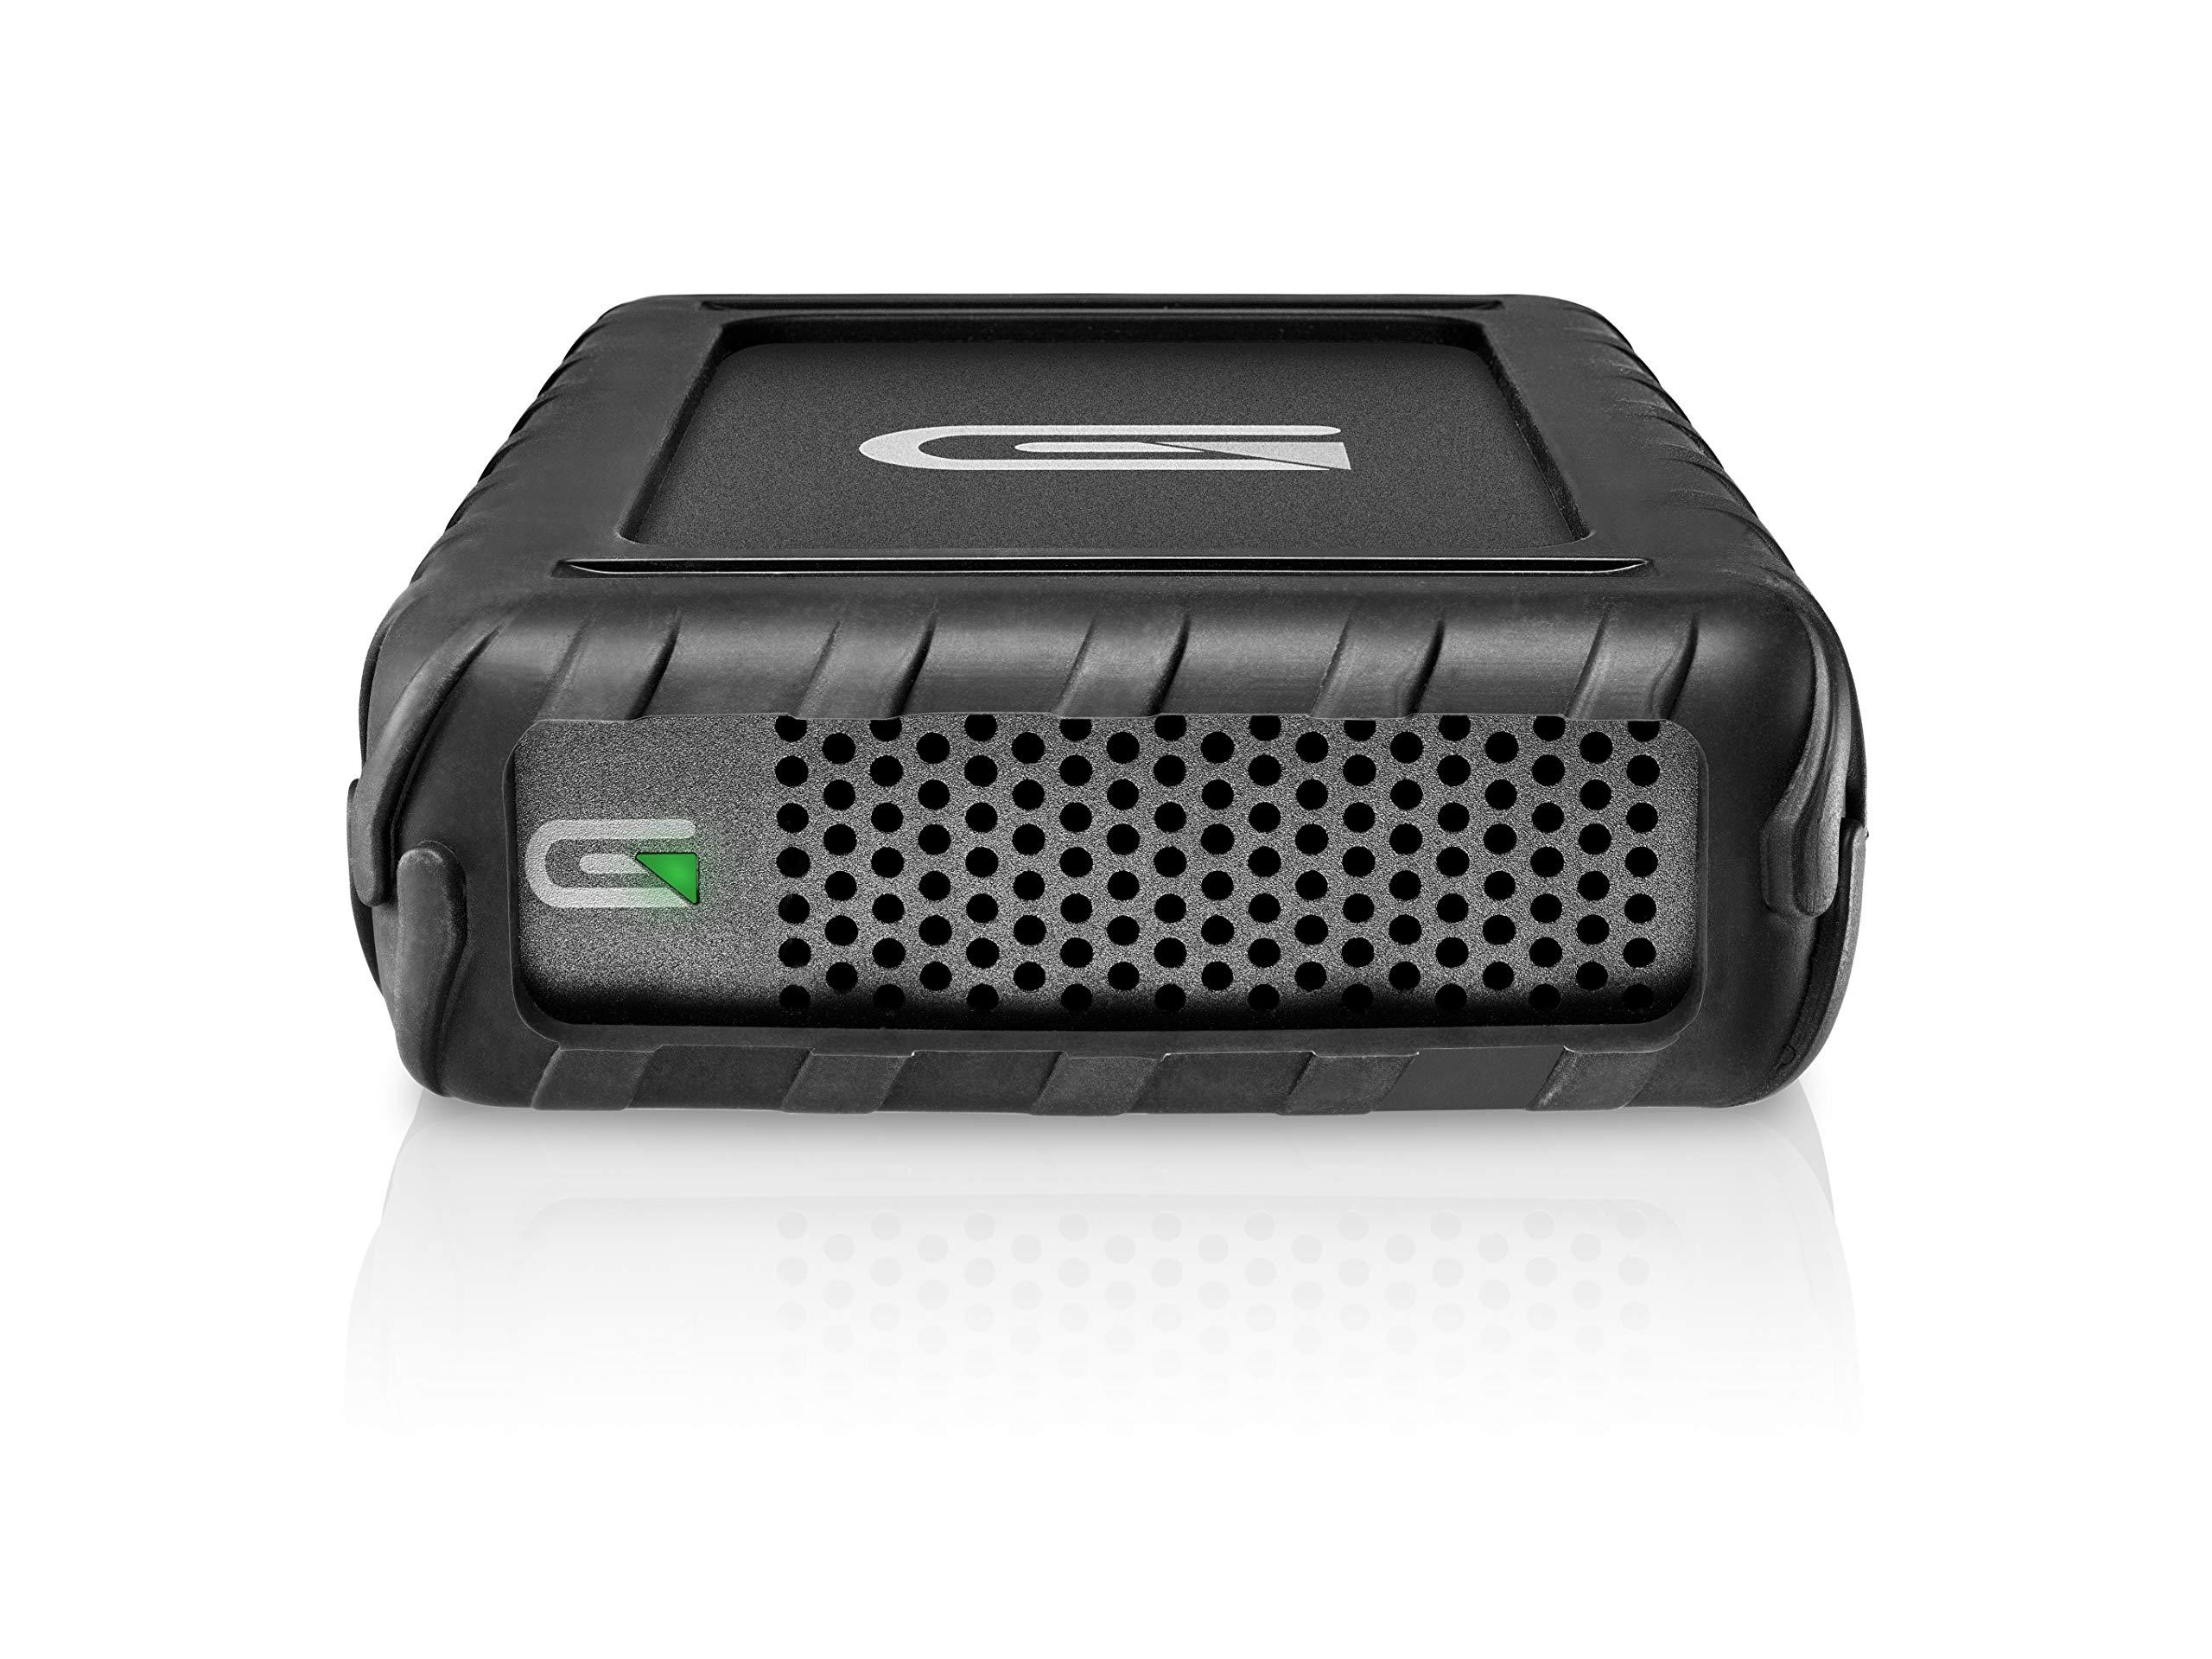 Glyph BlackBox Pro 3TB External Hard Drive 7200 RPM, USB-C (3.1,Gen2) BBPR3000